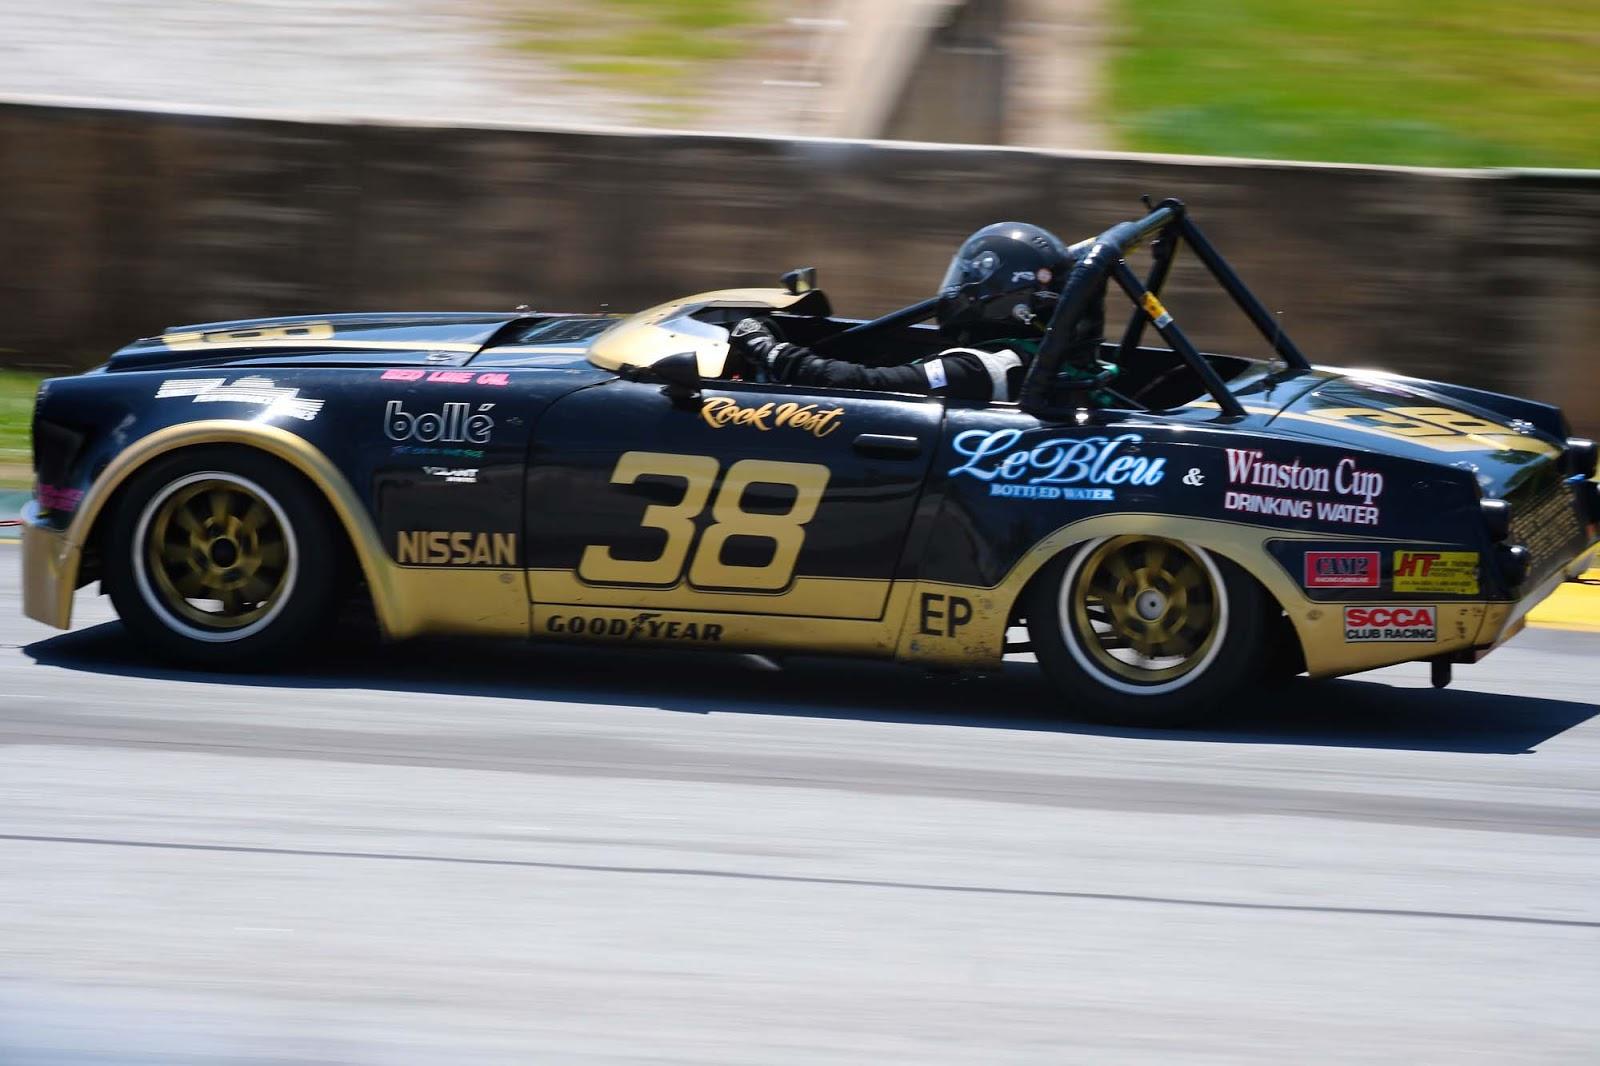 Η Nissan γιόρτασε την πλούσια ιστορία της στον μηχανοκίνητο αθλητισμό στο Classic Motorsports Mitty